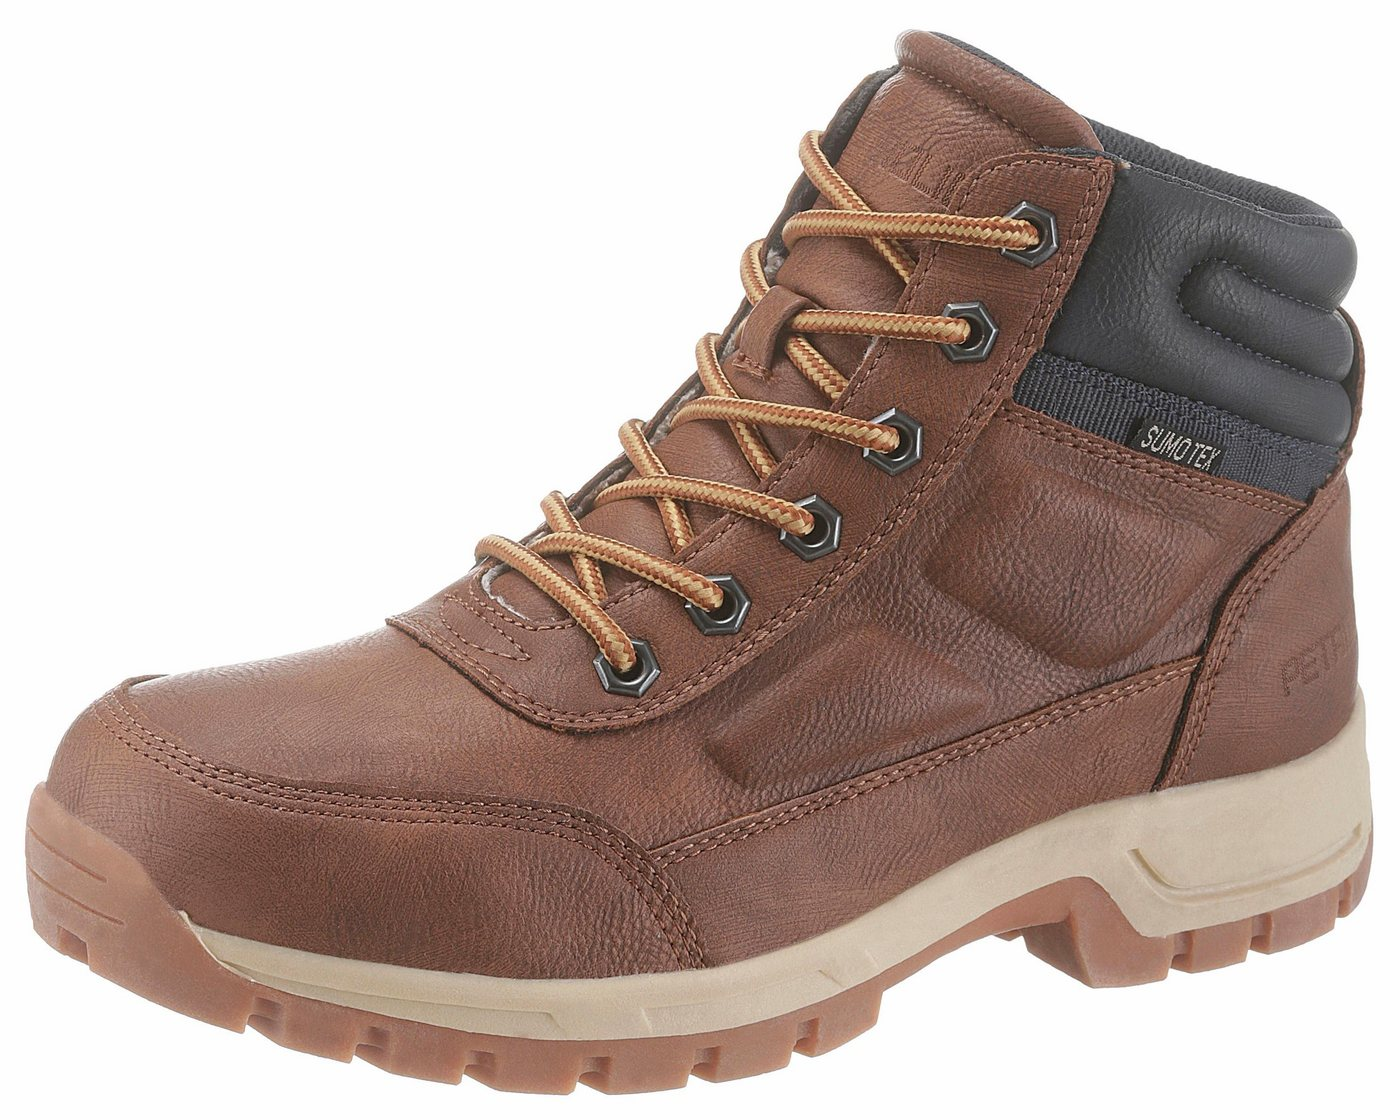 PETROLIO Winterstiefel mit praktischer TEX-Ausstattung | Schuhe > Boots > Winterstiefel | Braun | PETROLIO